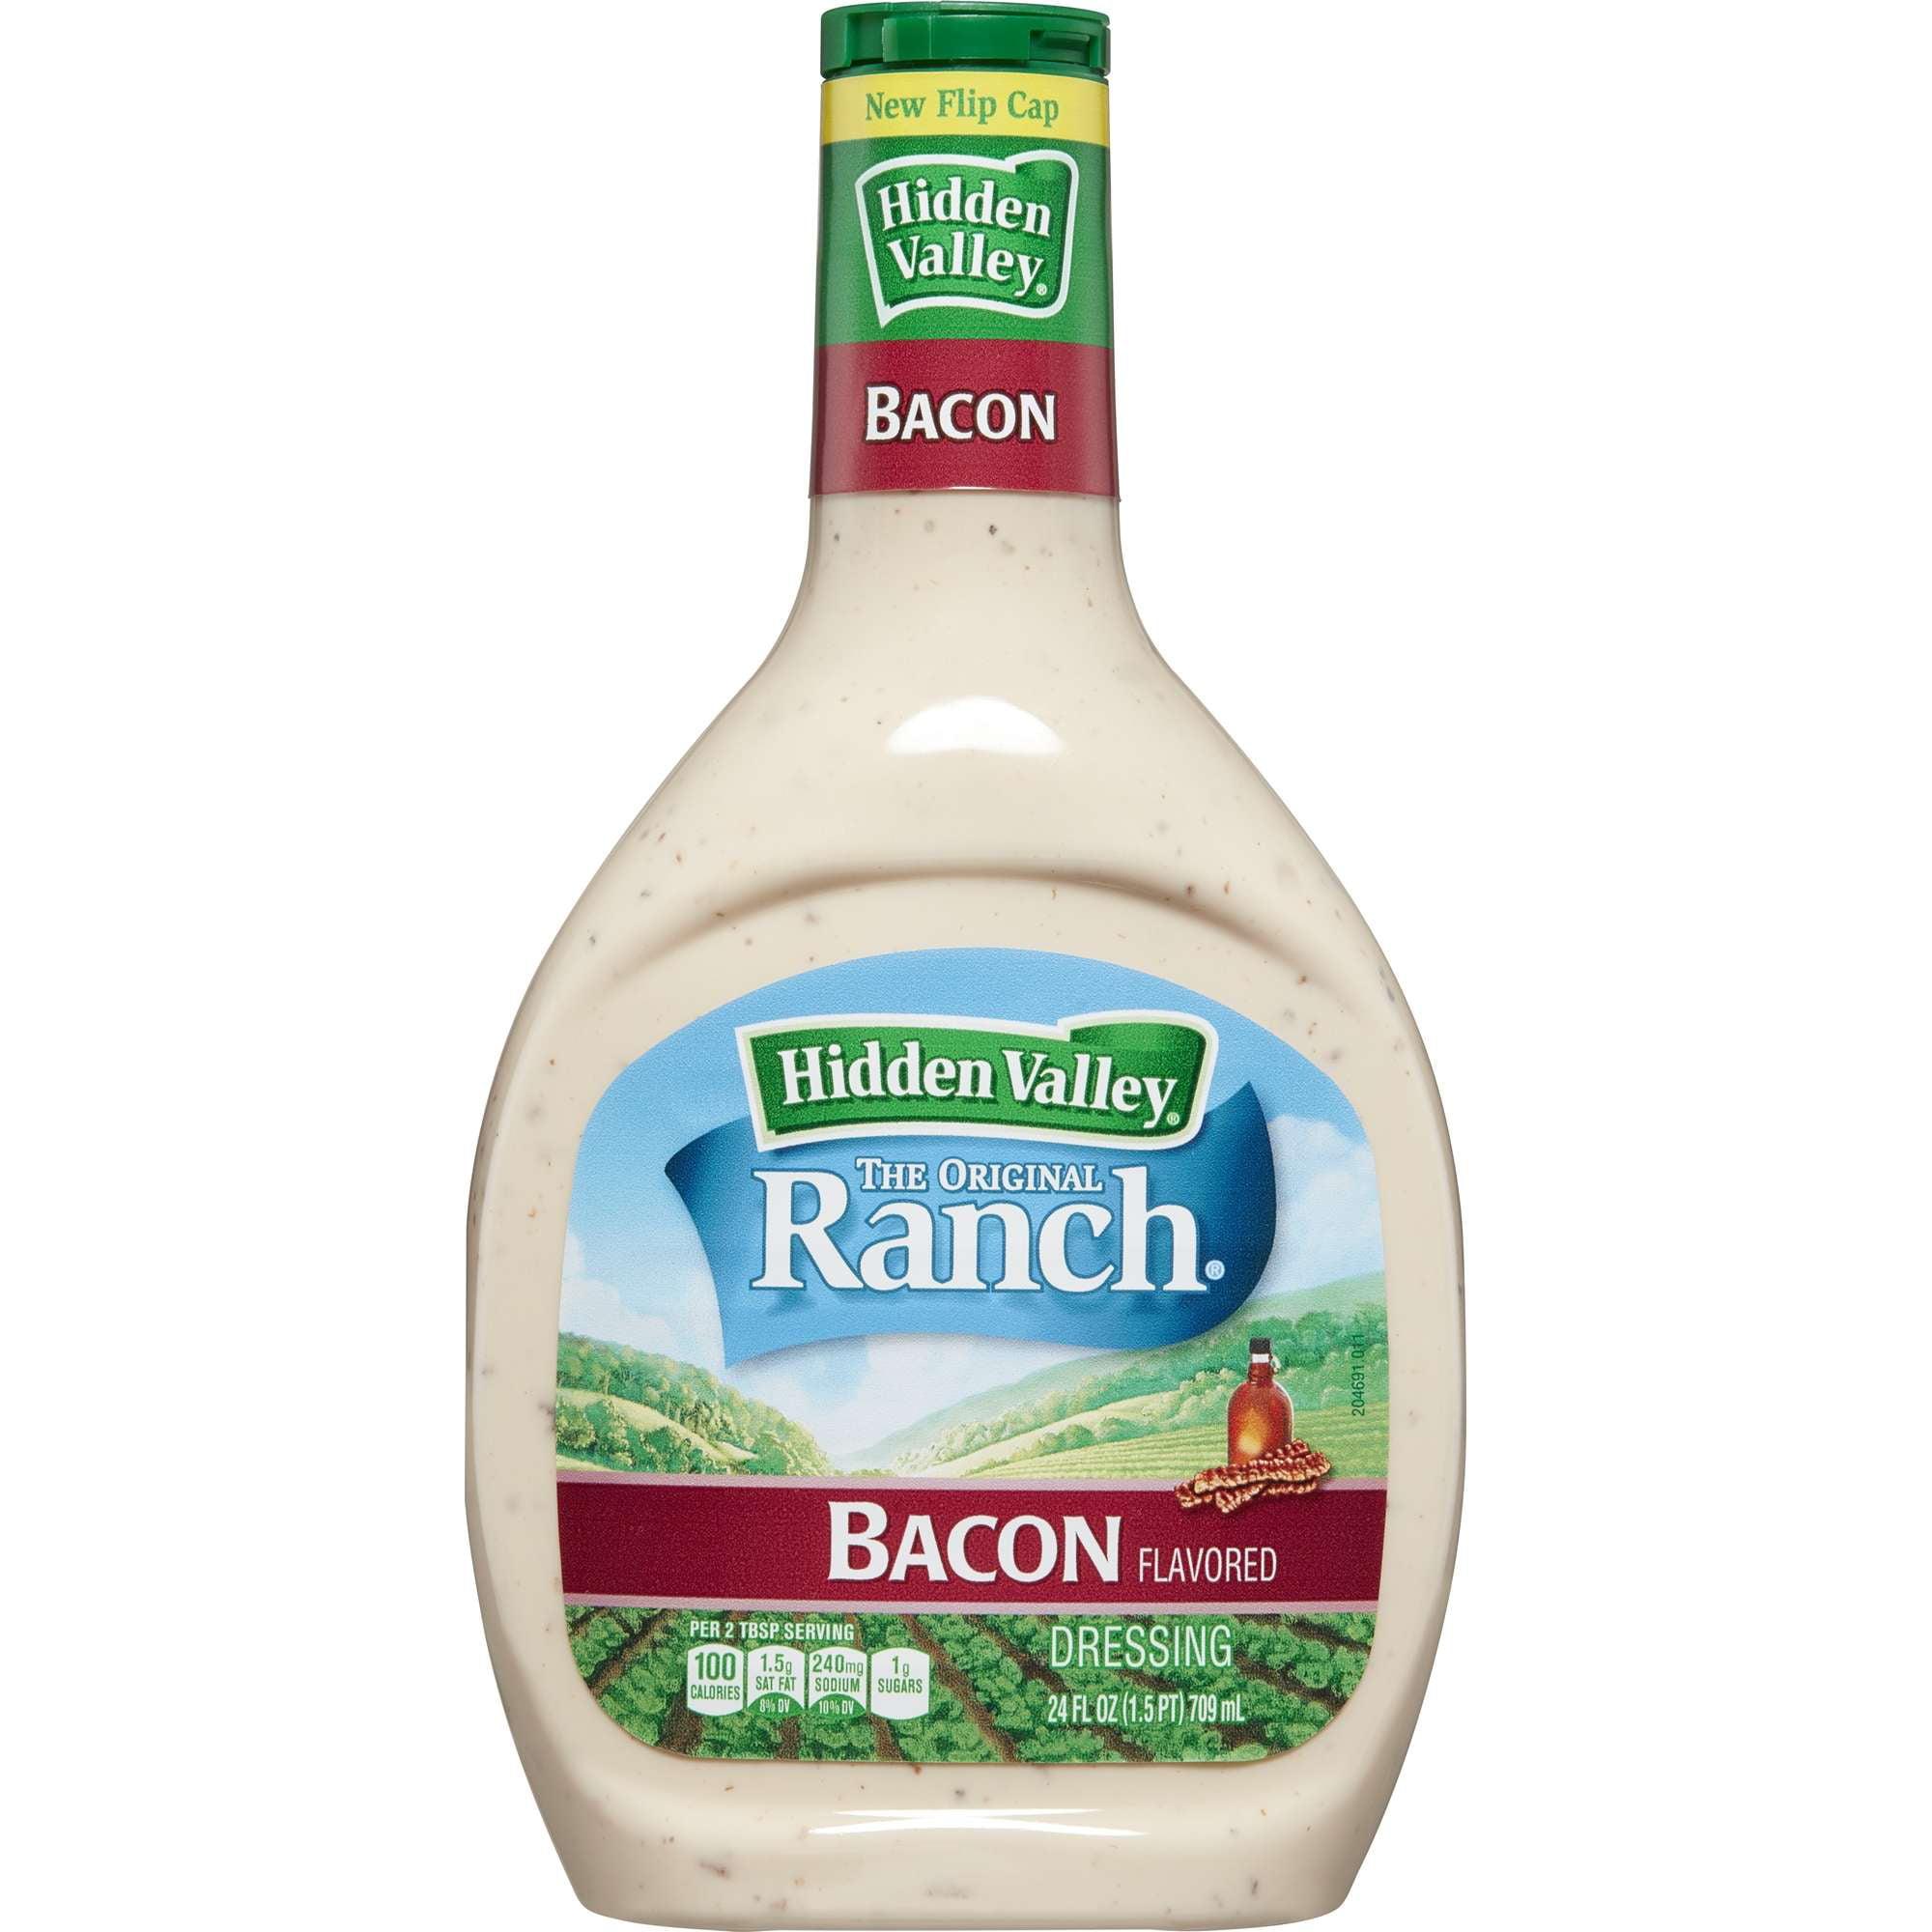 Hidden Valley Original Ranch Dressing, Bacon, 24 Ounces